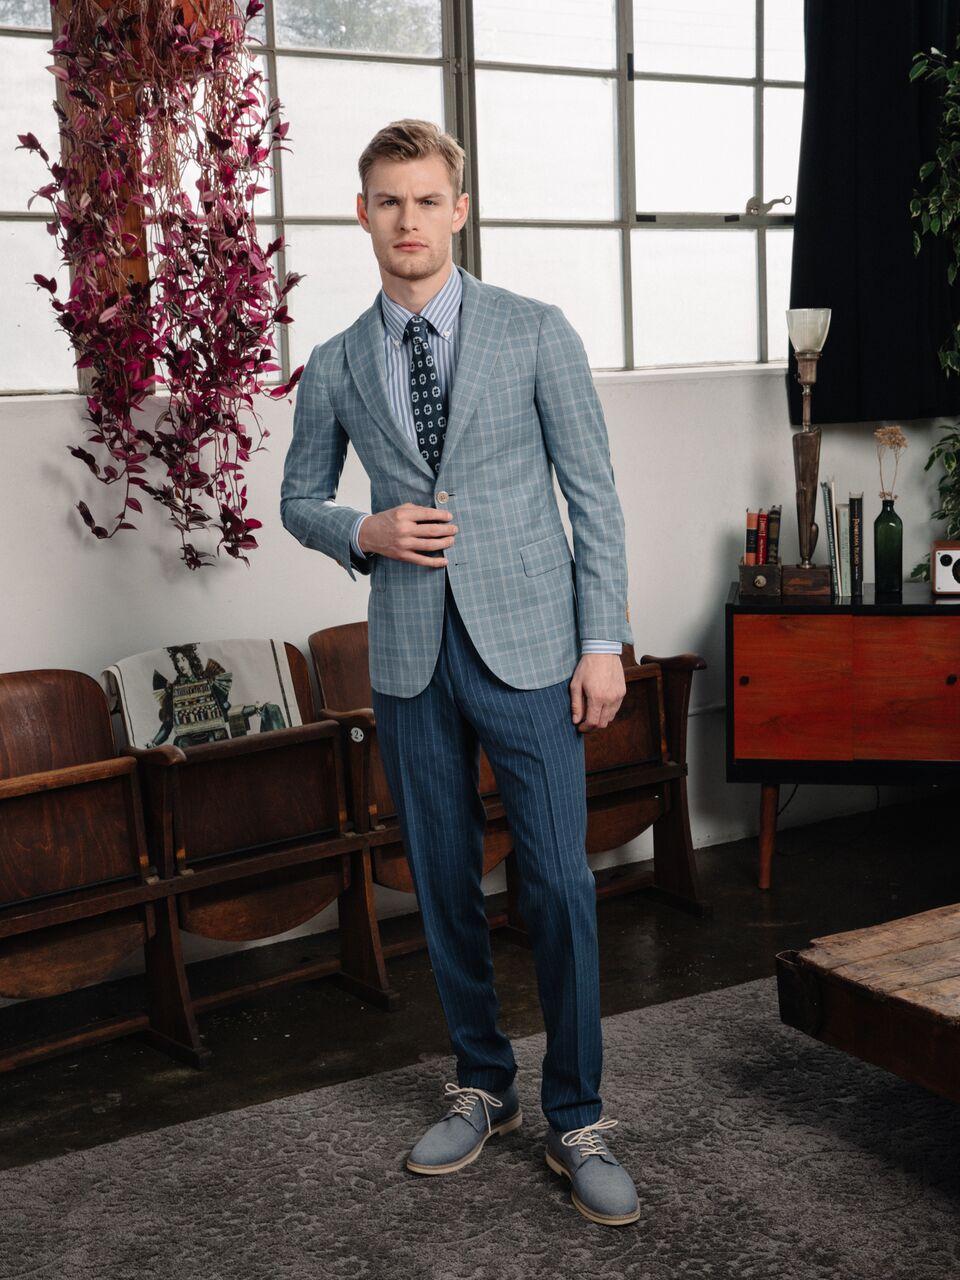 Model - Noah Teicher (LA Models)  Made to Measure Suit. Ready-to-Wear Necktie  Klein Epstein & Parker - Newport Beach